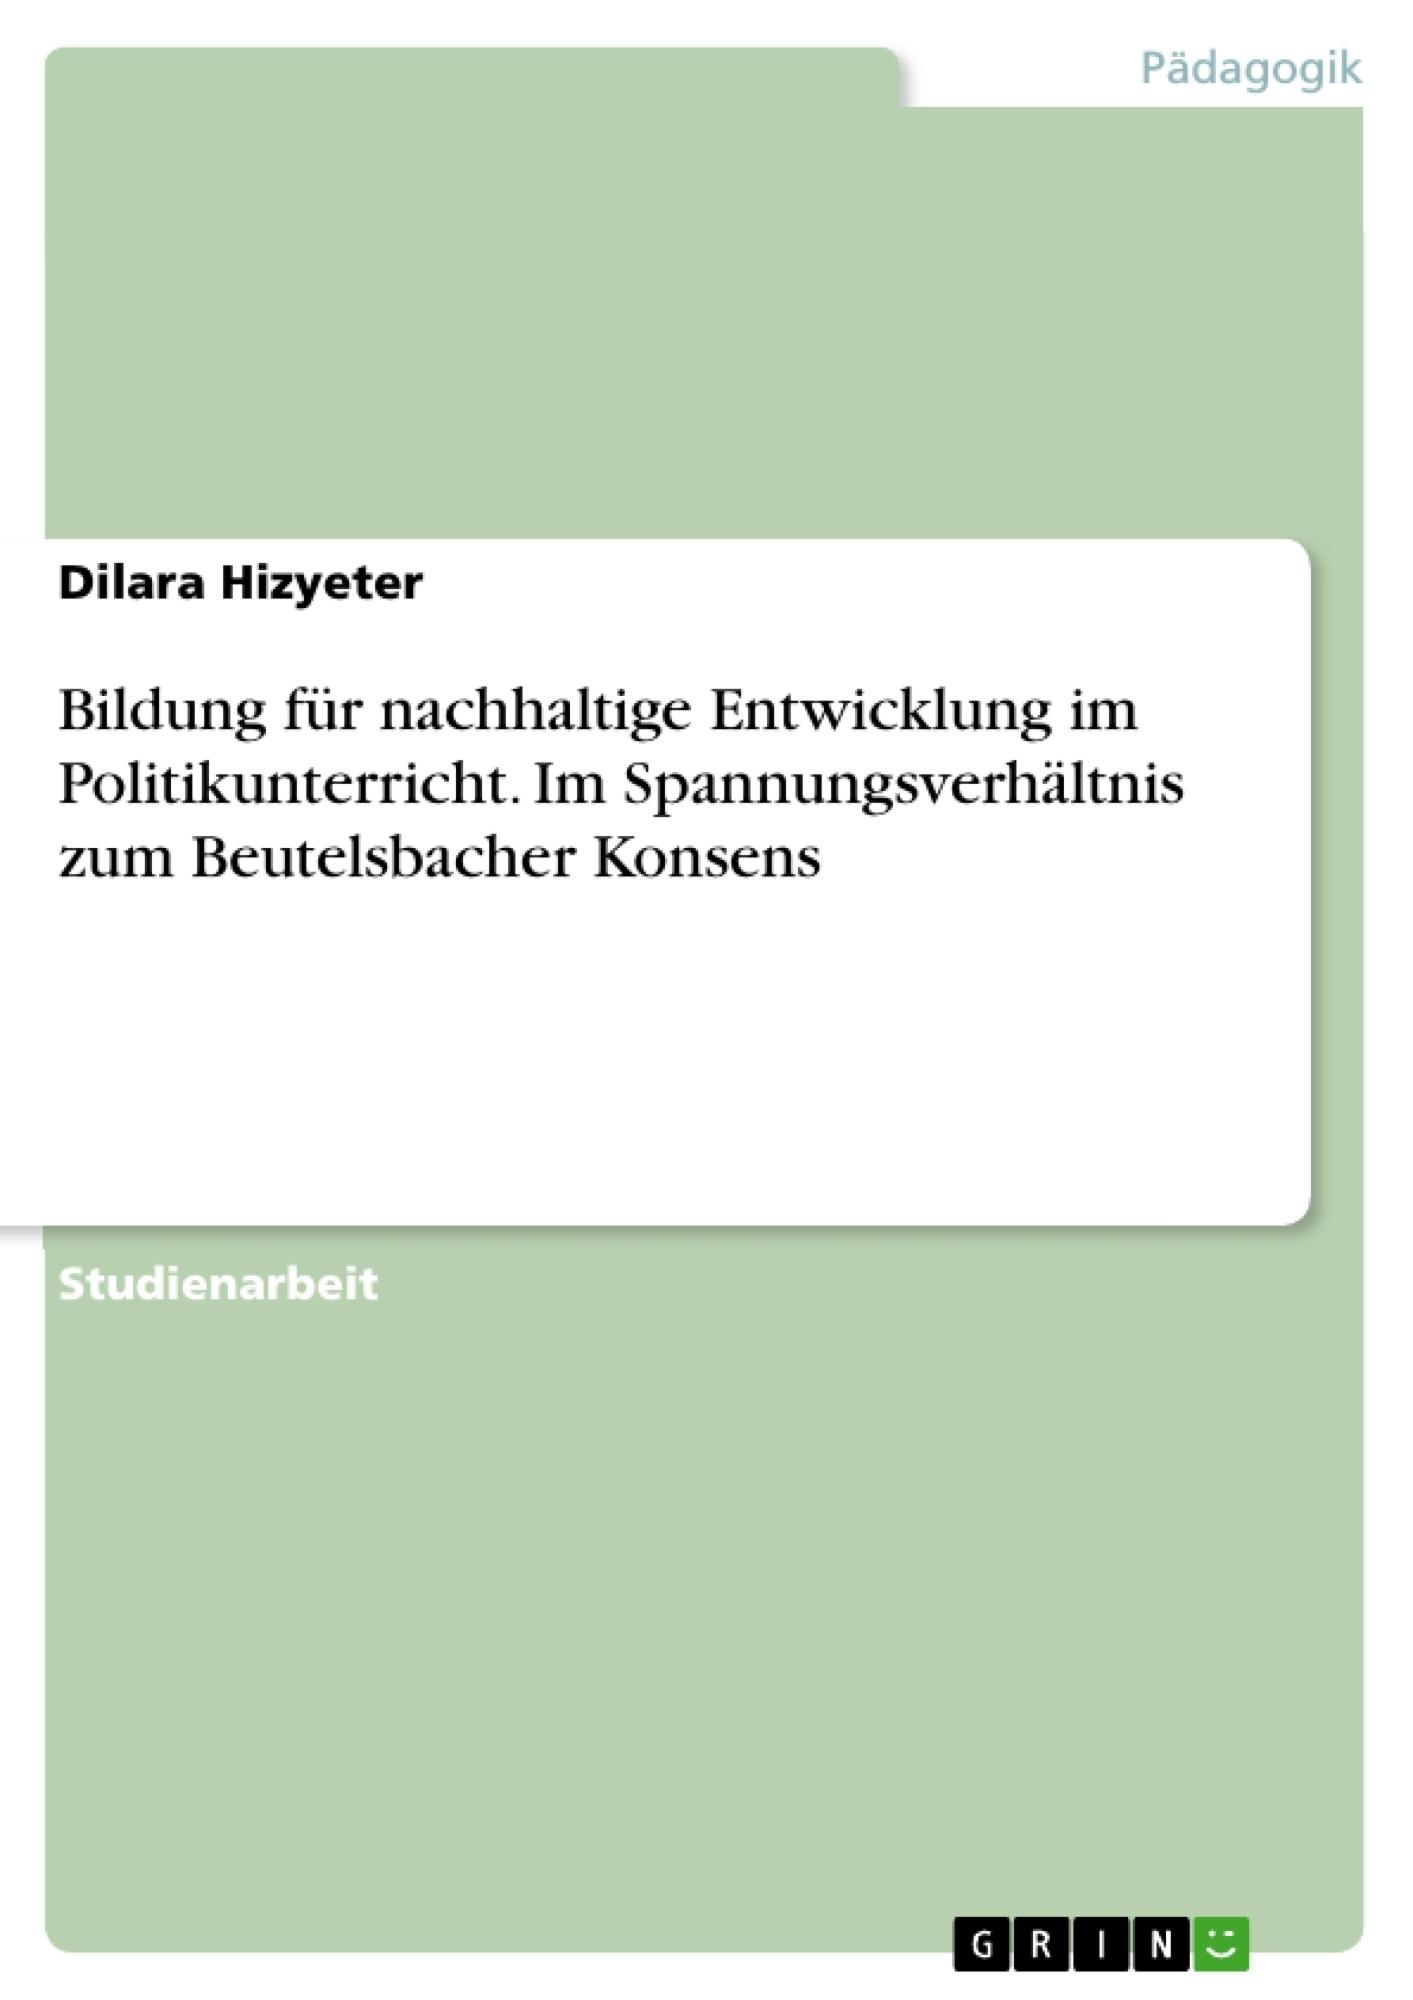 Titel: Bildung für nachhaltige Entwicklung im Politikunterricht. Im Spannungsverhältnis zum Beutelsbacher Konsens